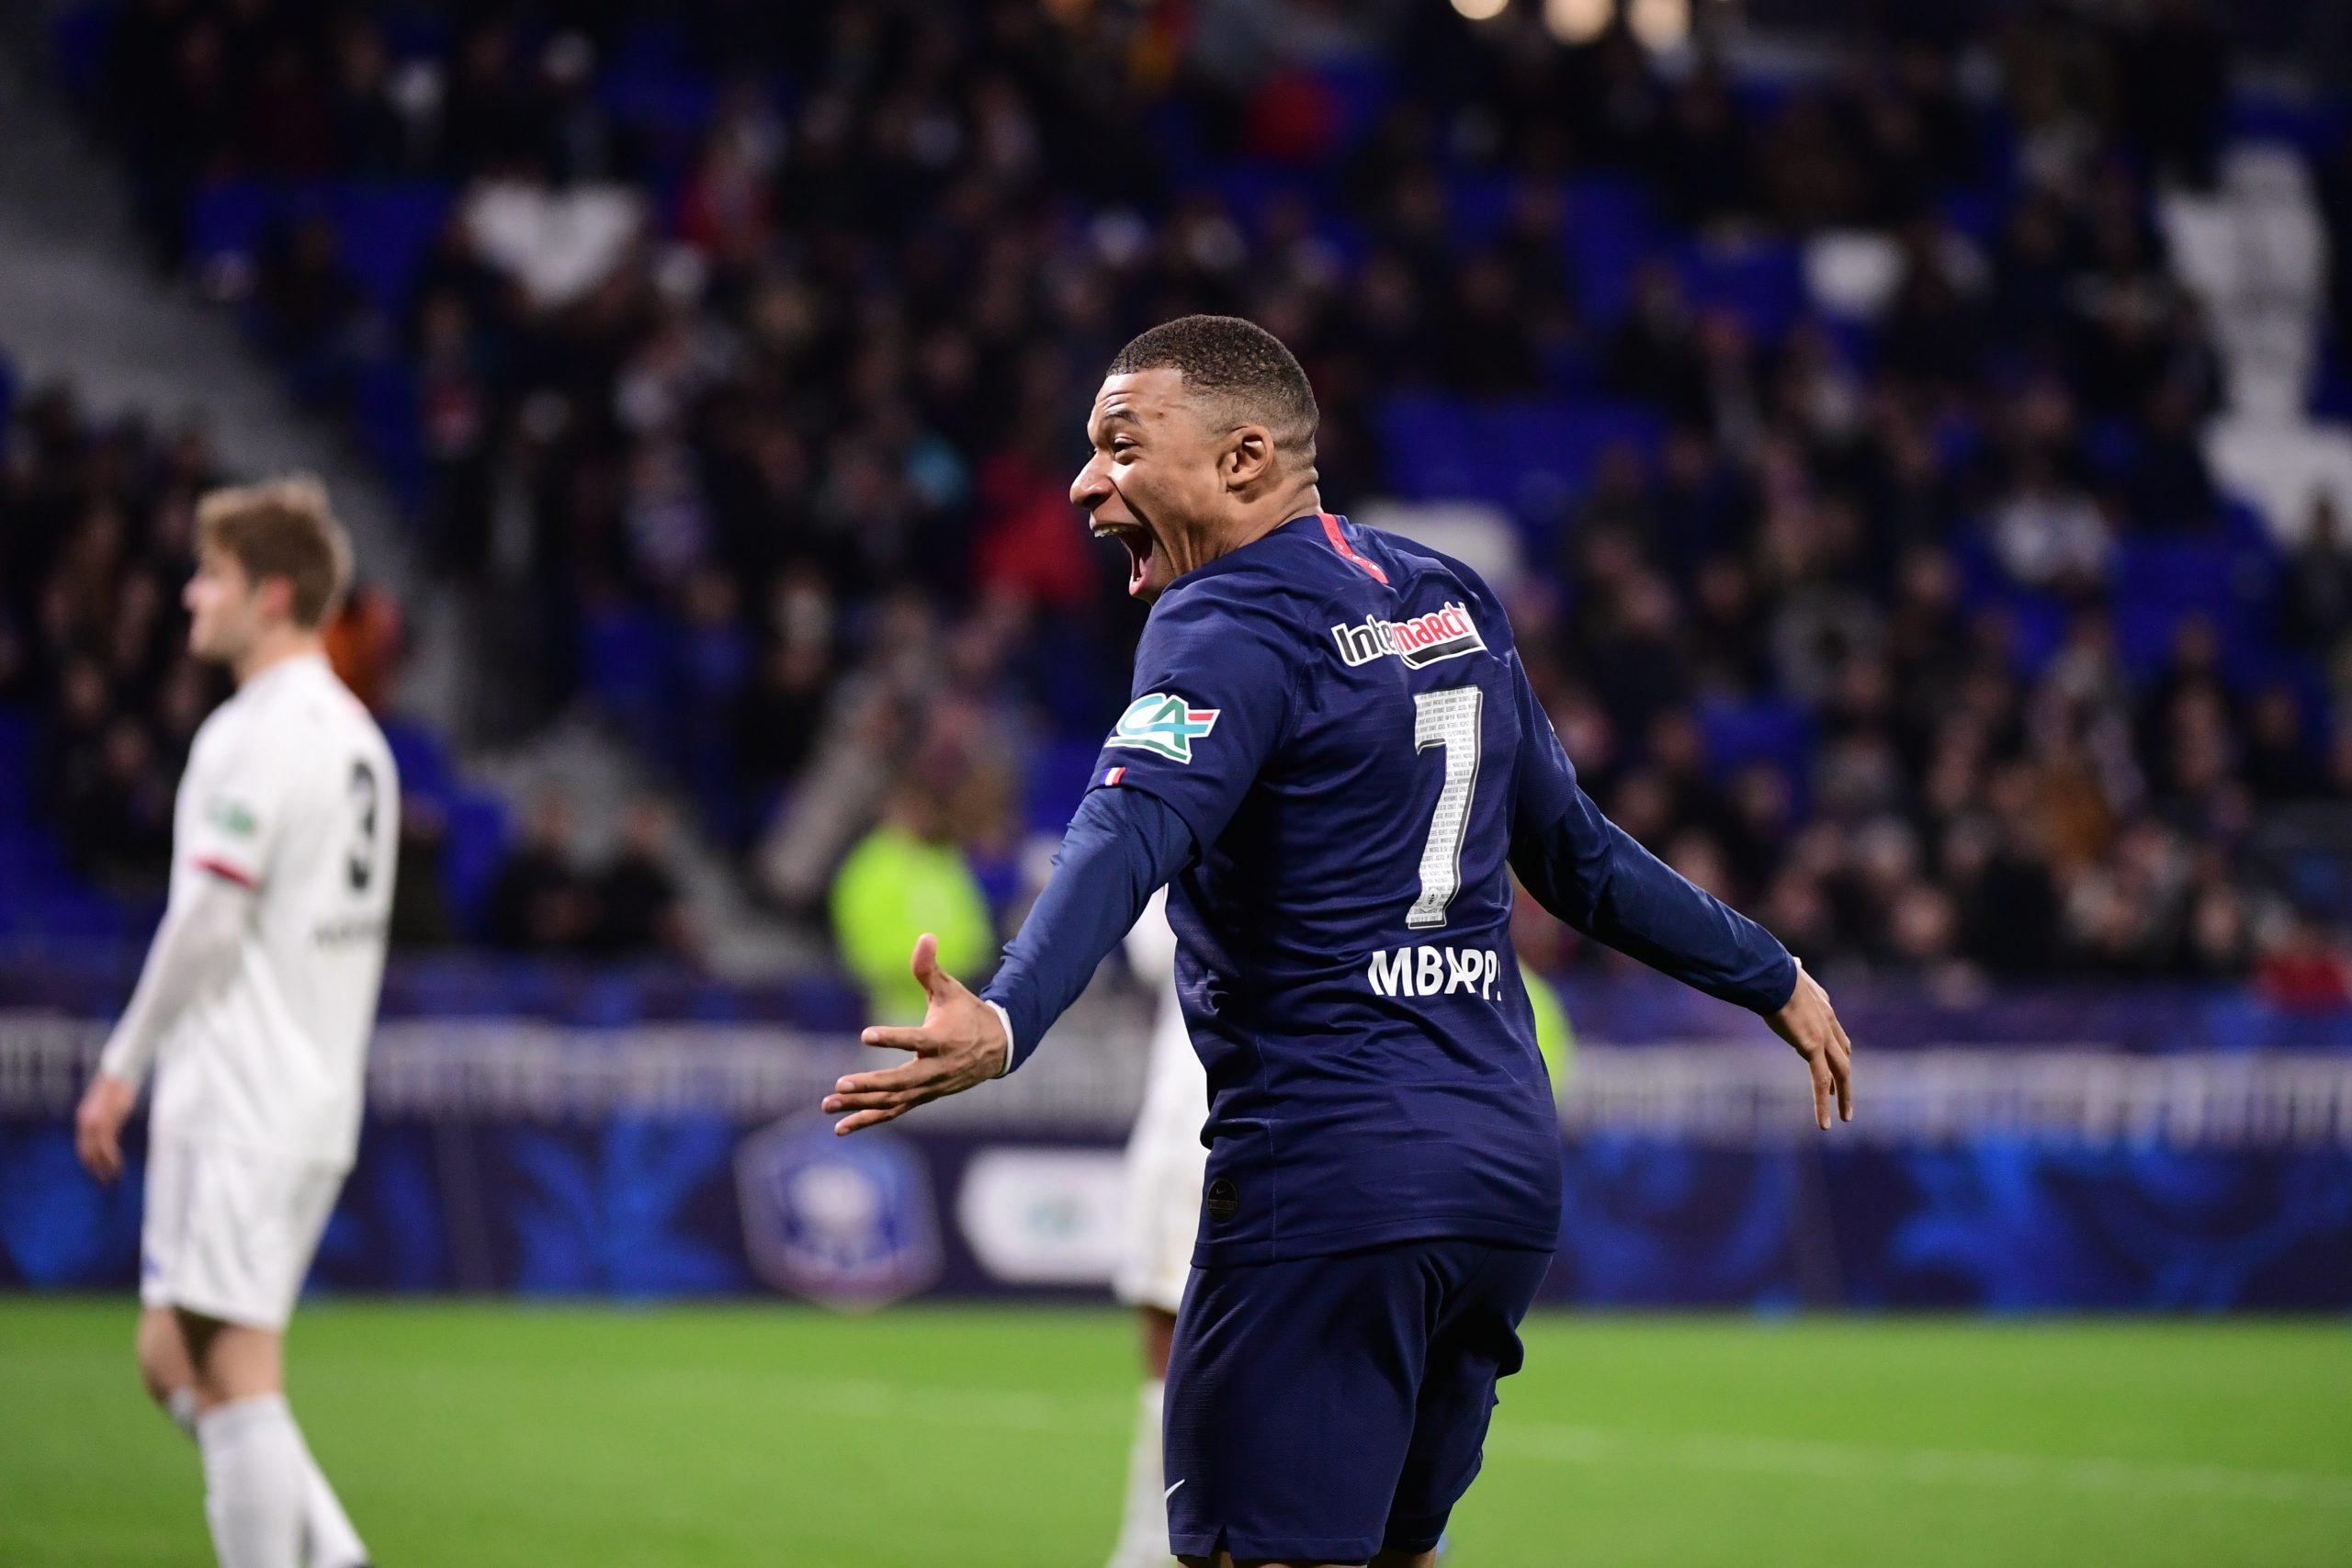 Mercato - Mbappé a 3 grandes exigences pour signer au Real Madrid, invente Don Balon